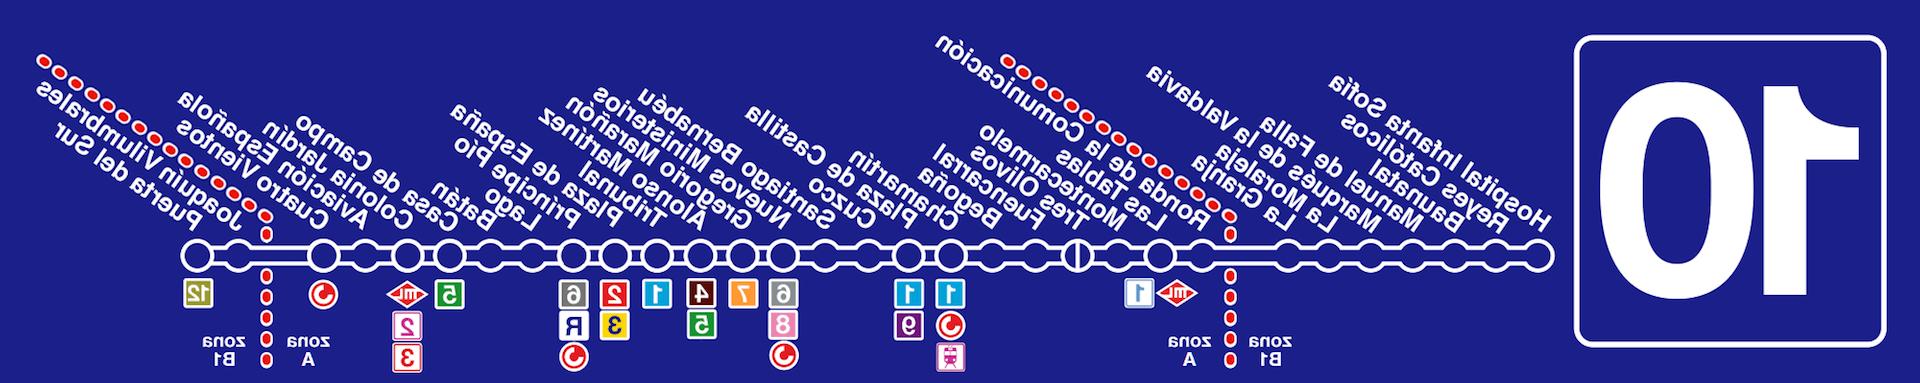 Horarios De Metro Madrid Wddj LÃ Nea 10 Metro Madrid Estaciones Y Horarios